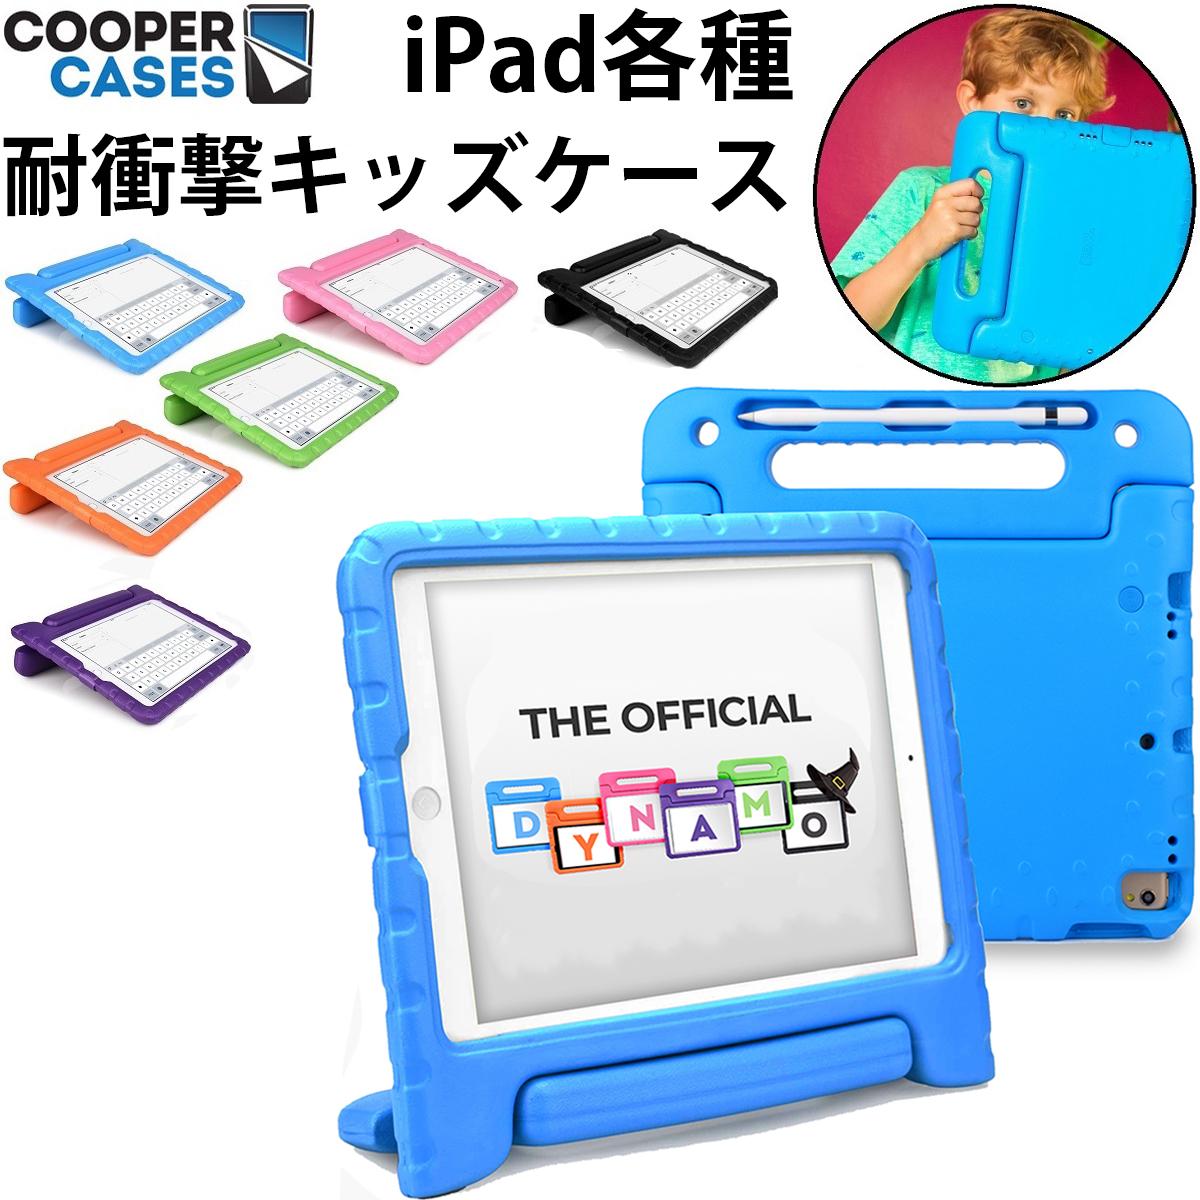 送料無料 2012年発売依頼 長く愛されているベストセラーキッズケース iPad 10.2 2020 2019 9.7 2018 NEW売り切れる前に☆ 2017 Air4 Air3 Air2 Pro 11 12.9 mini5 mini4 Dynamo 子ども用 耐衝撃 ipad7 かわいい ipad8 ケース 子供 お見舞い 第8世代 キッズ 頑丈 10.9 こども 保護 Cooper 第6世代 第7世代 Cases